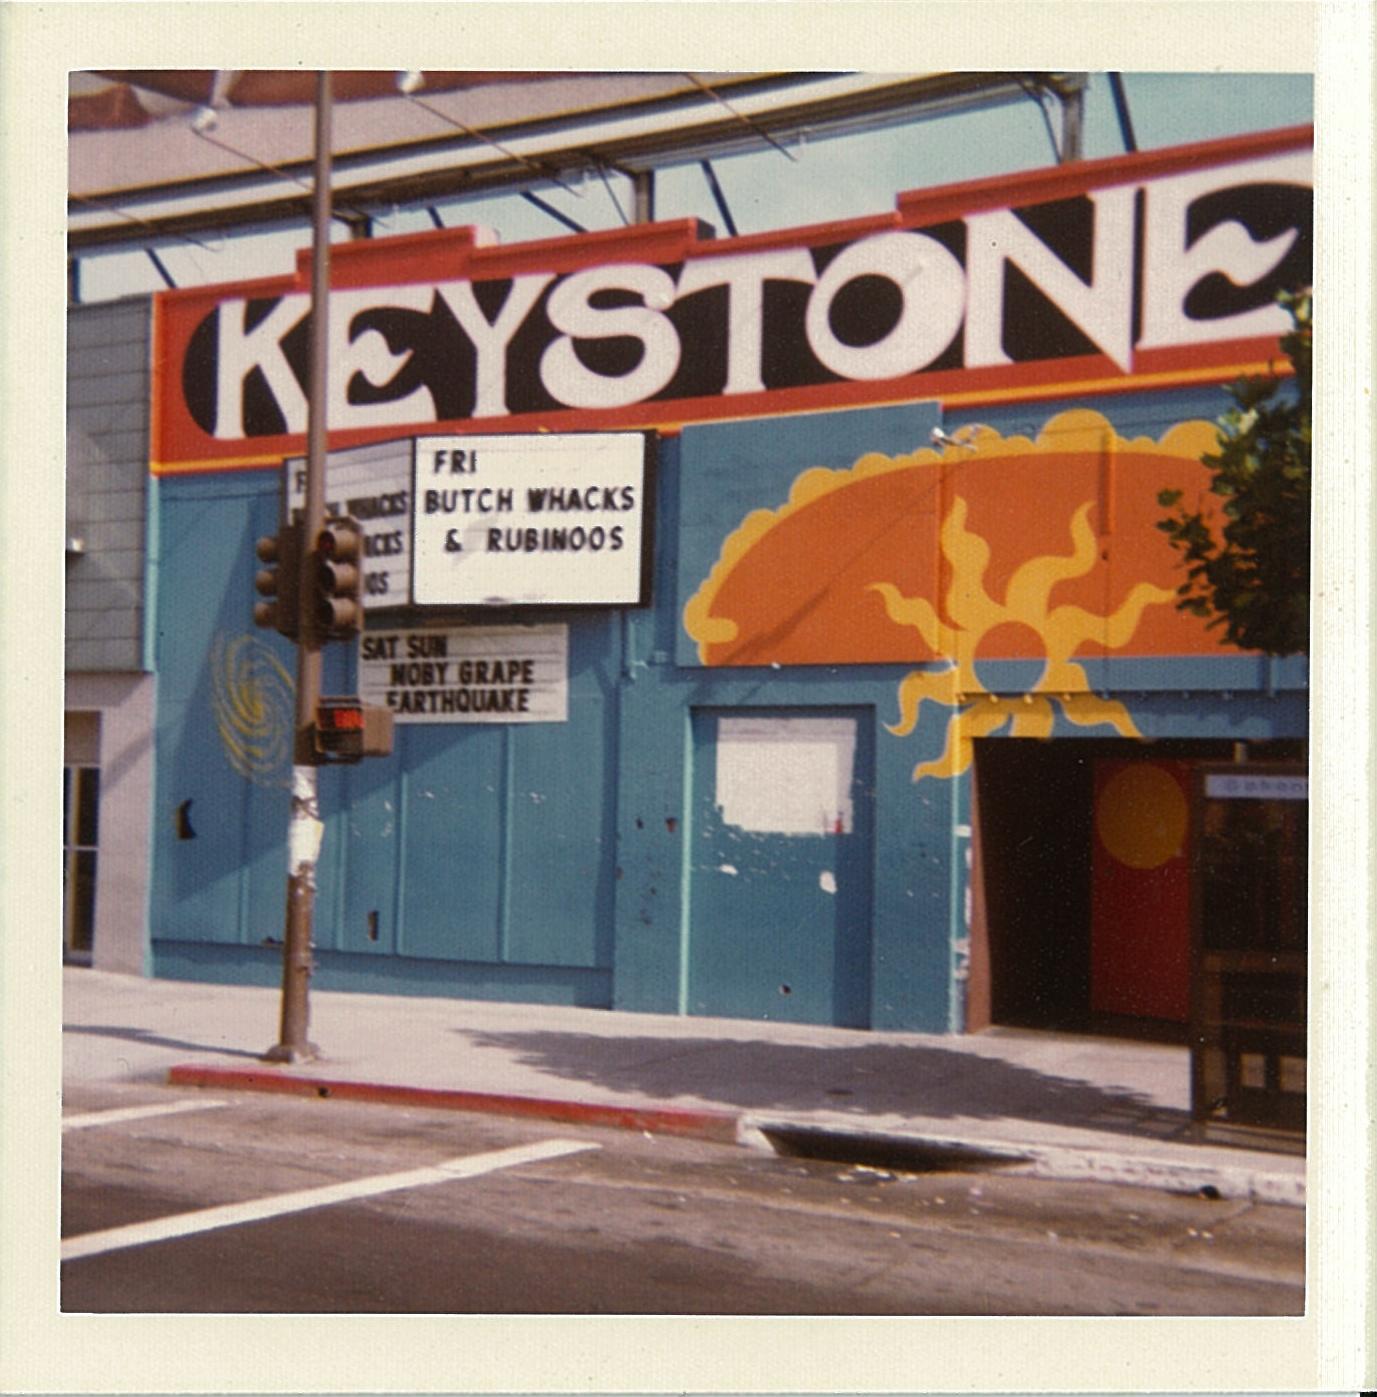 keystone sign